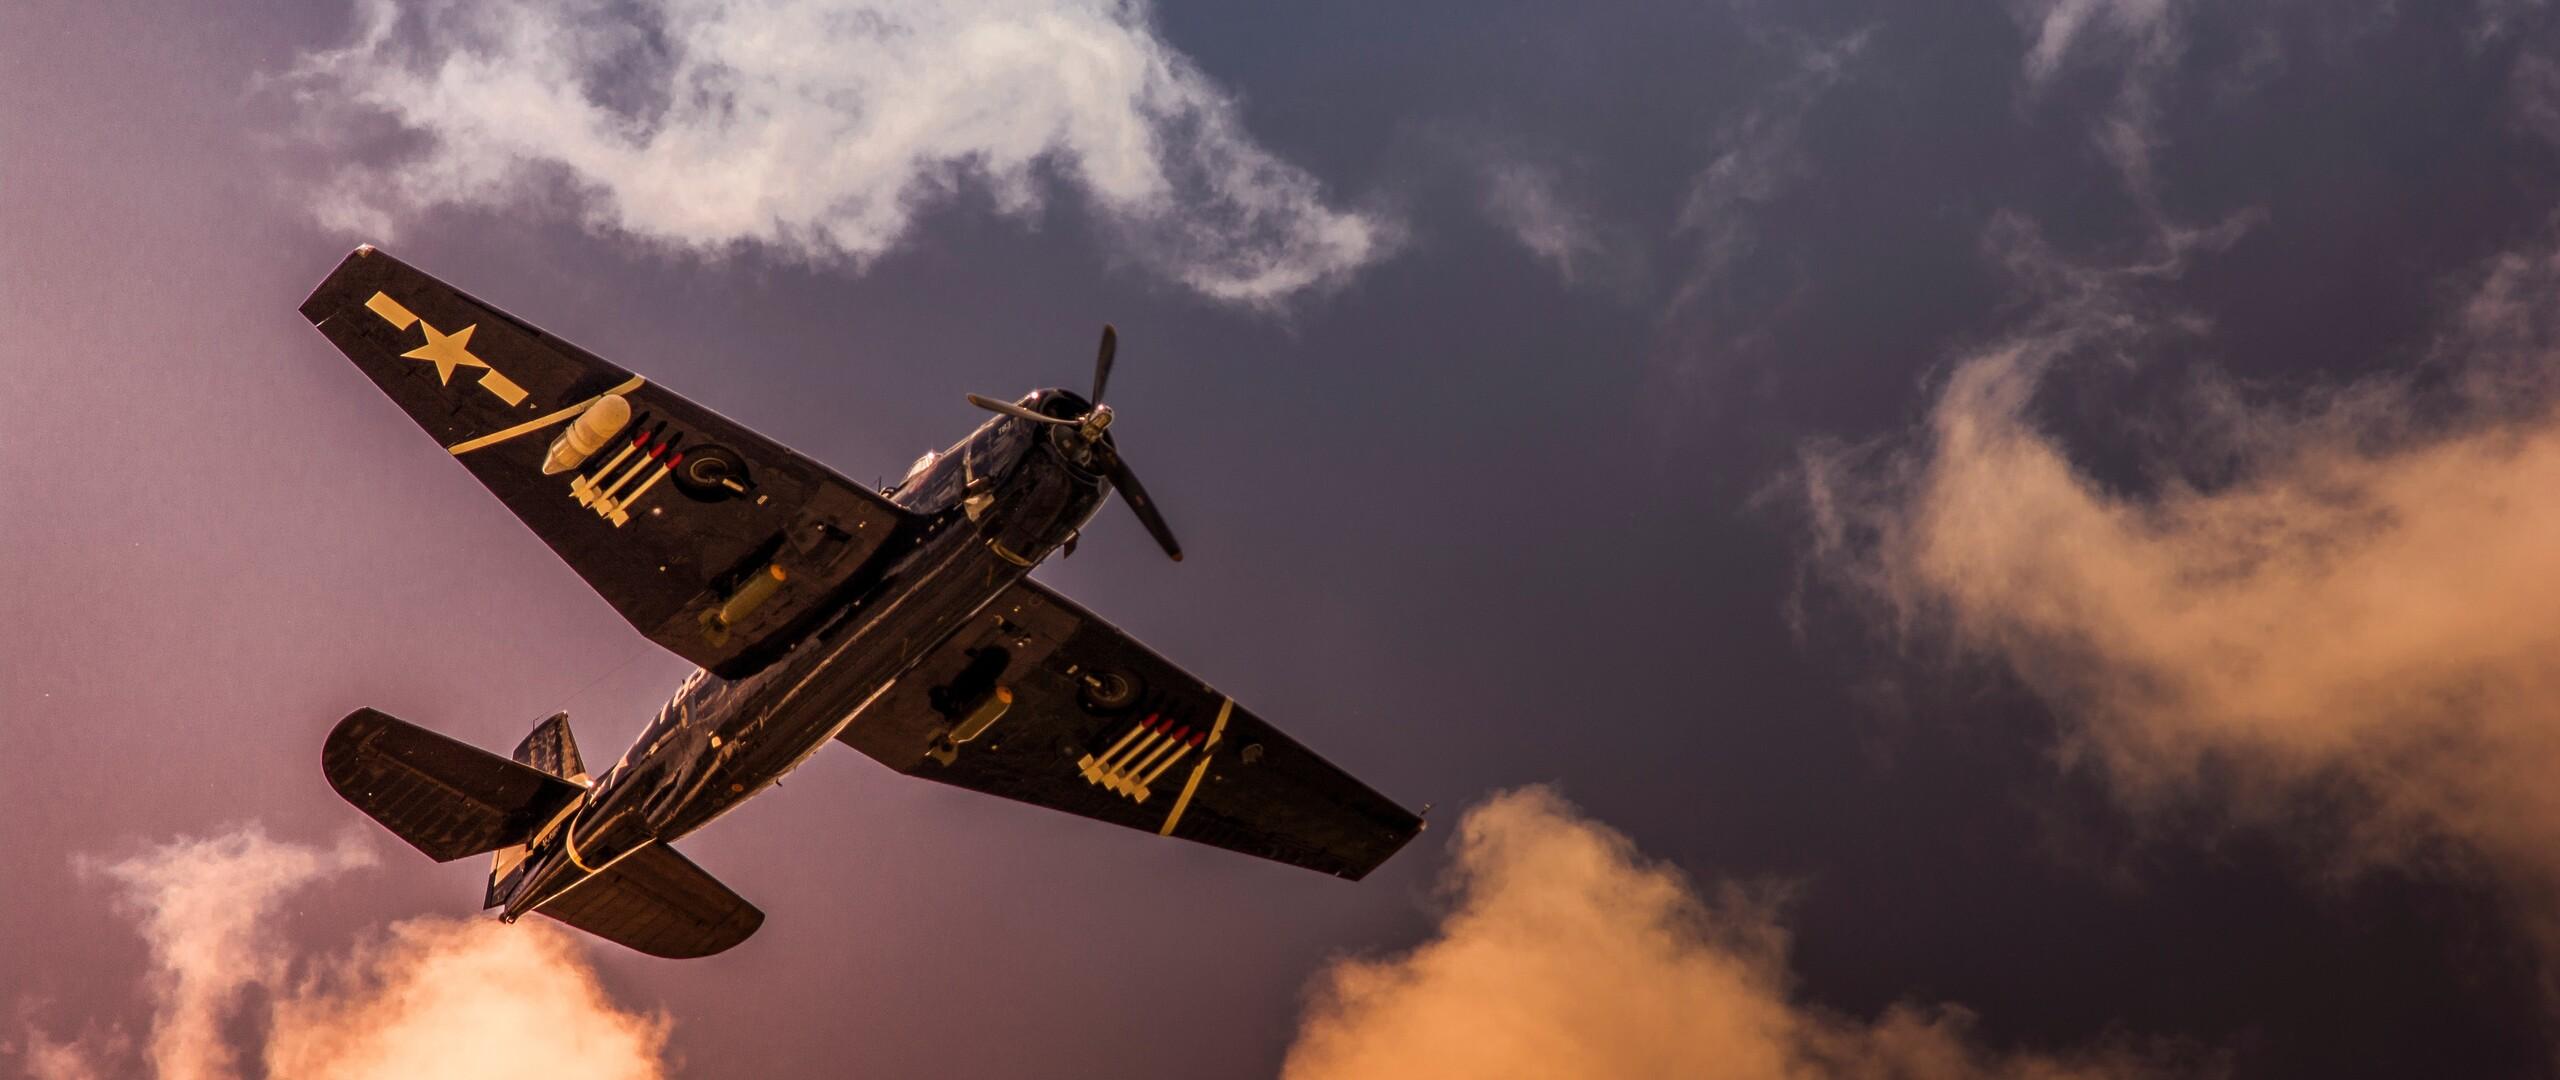 grumman-tbf-avenger-aircraft-sky-clouds-5k-ap.jpg